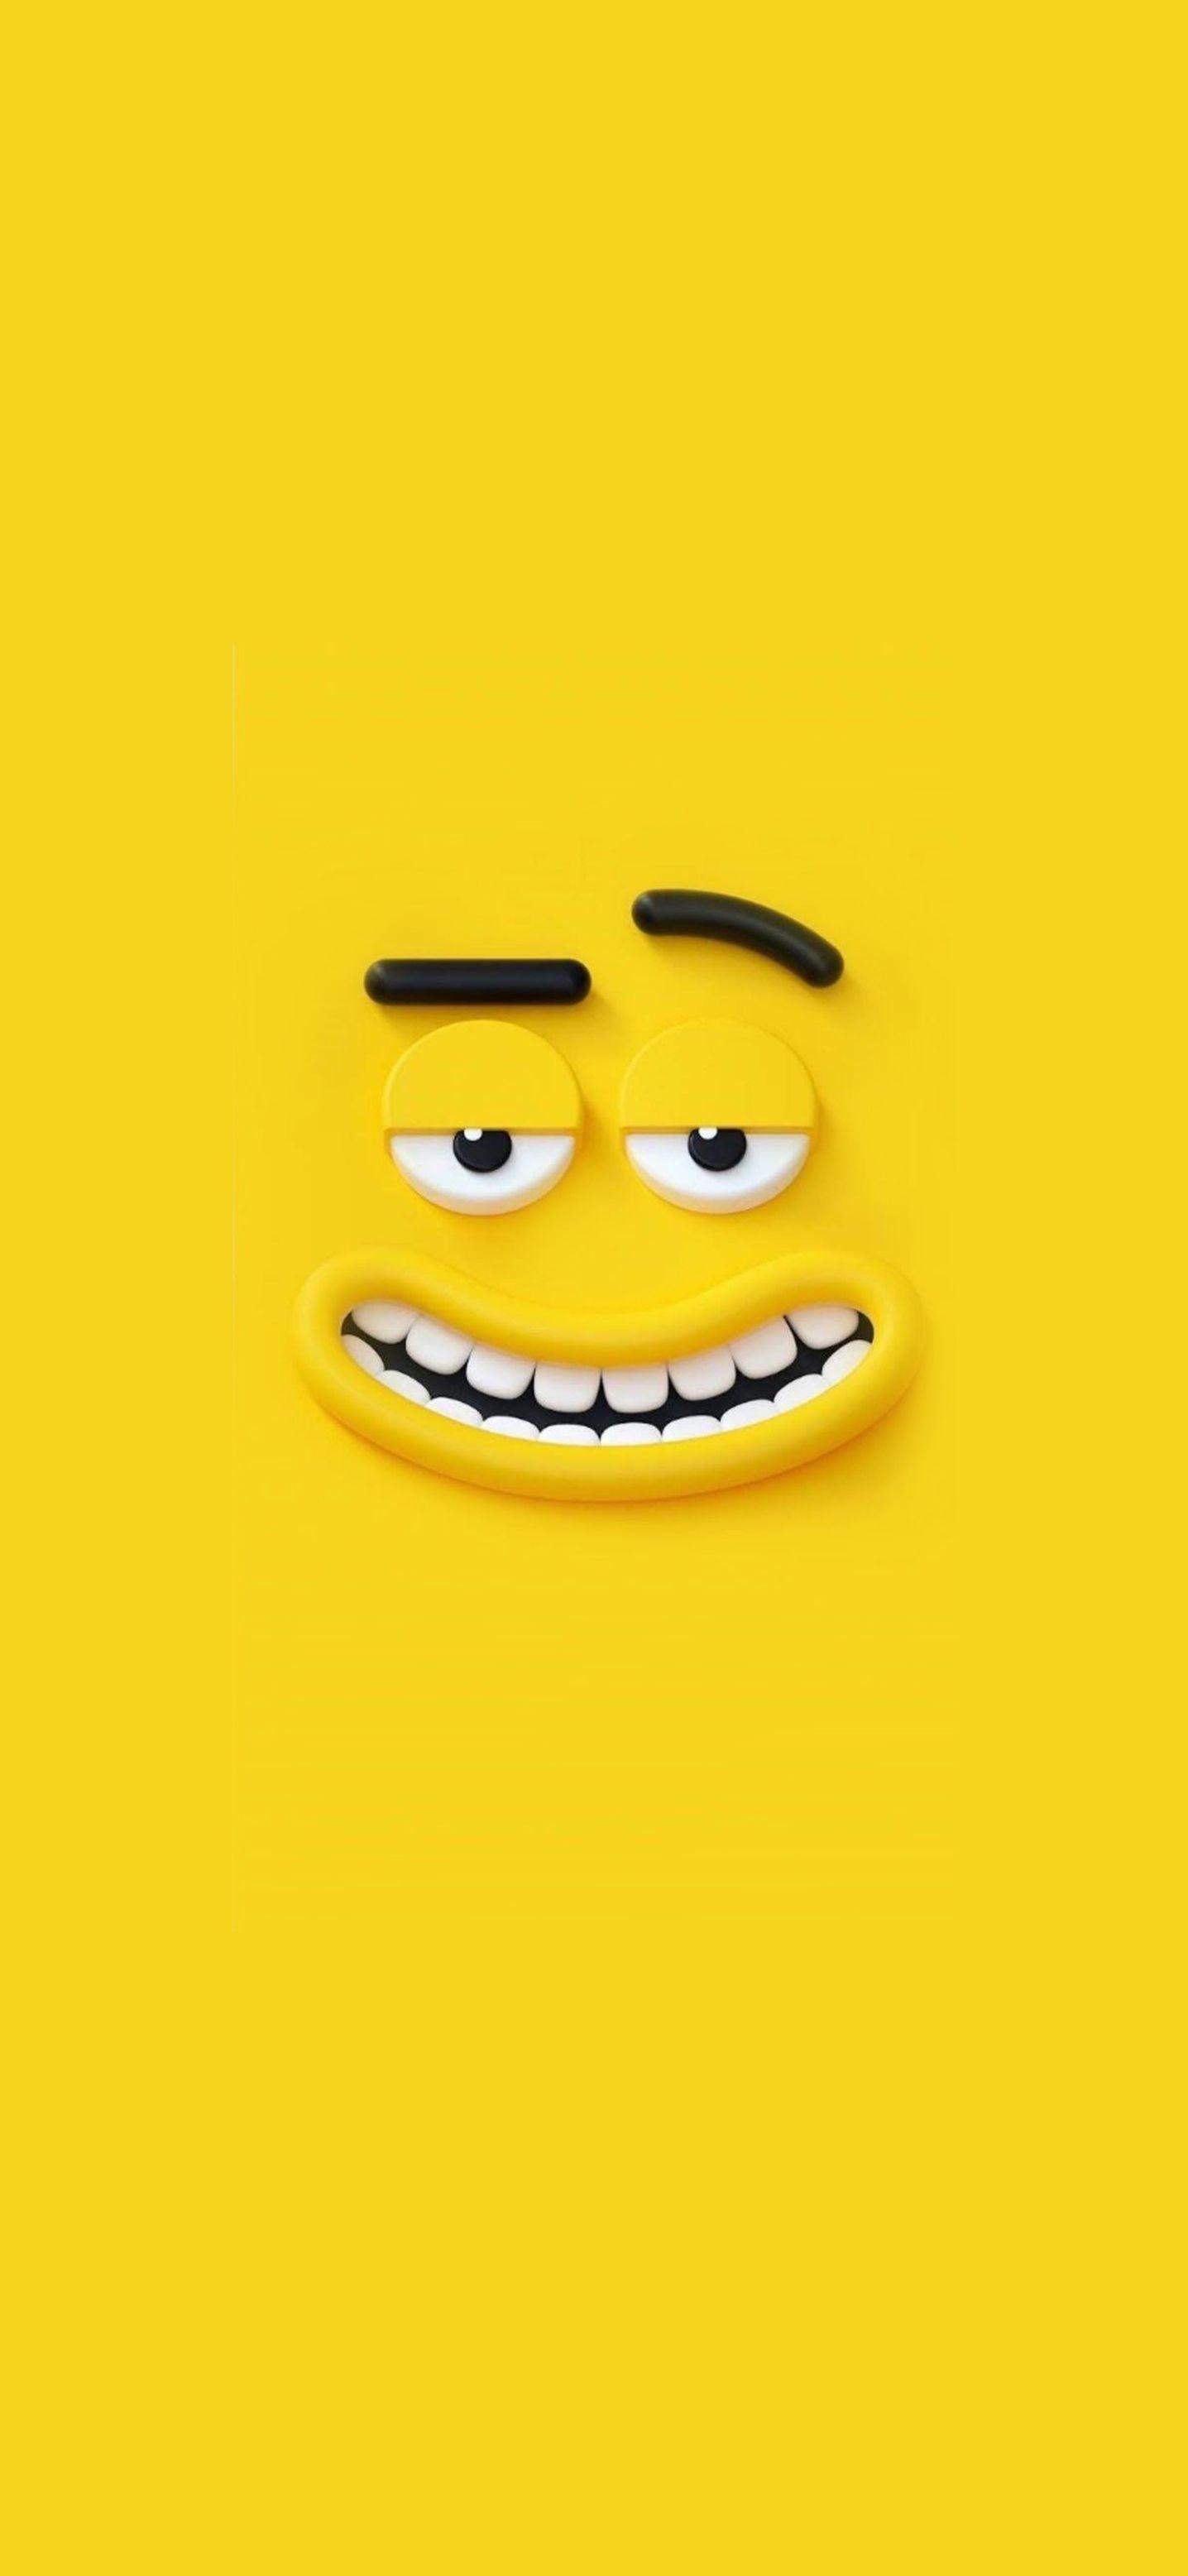 اجمل خلفيات الايفون بجودة Hd Iphone Wallpaper Iphone Wallpaper Yellow Cartoon Wallpaper Iphone Emoji Wallpaper Iphone